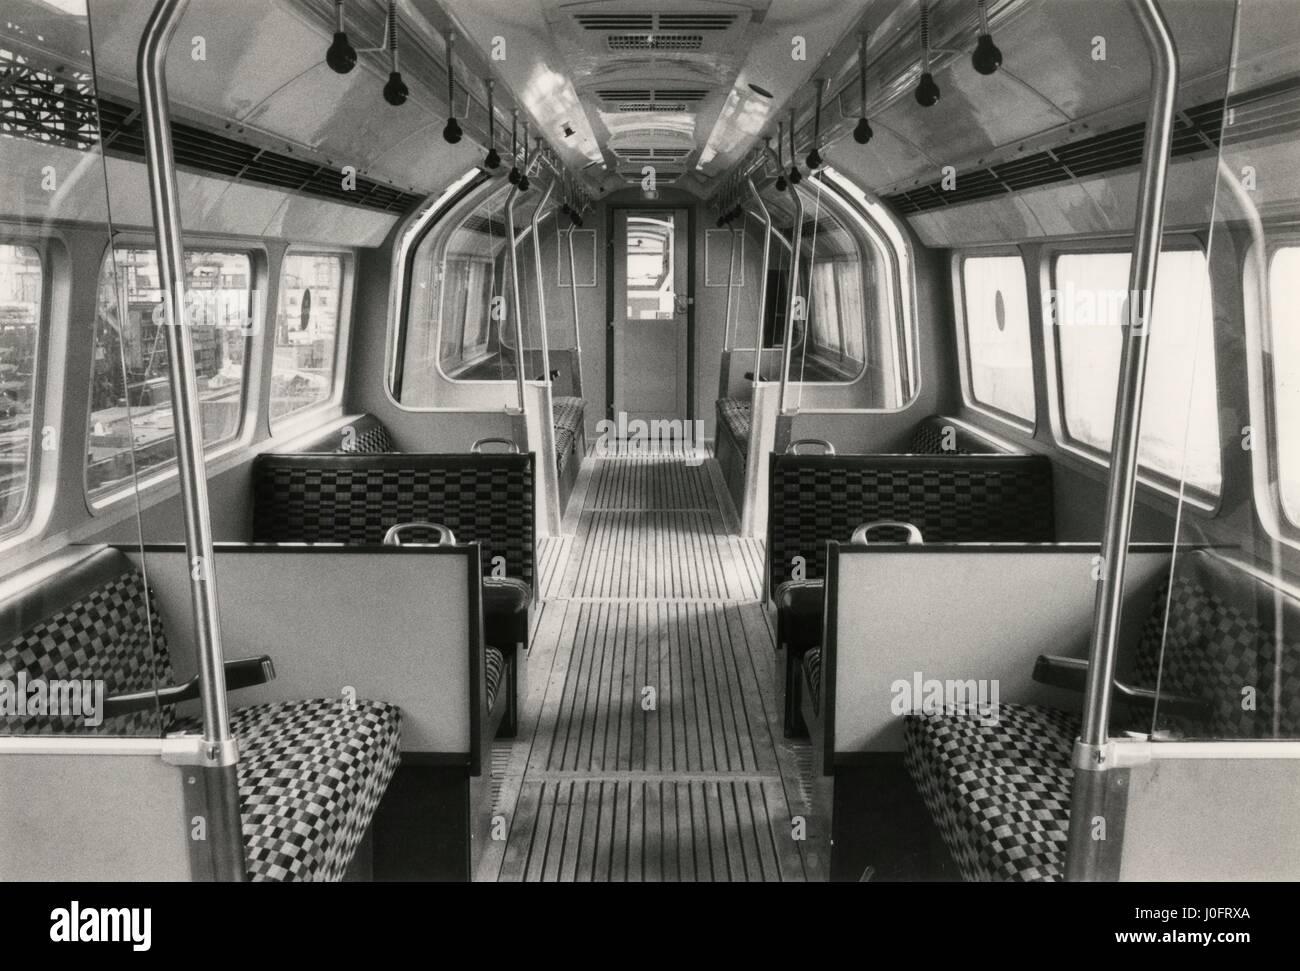 Transport intérieur d'une voiture de métro de Londres Banque D'Images